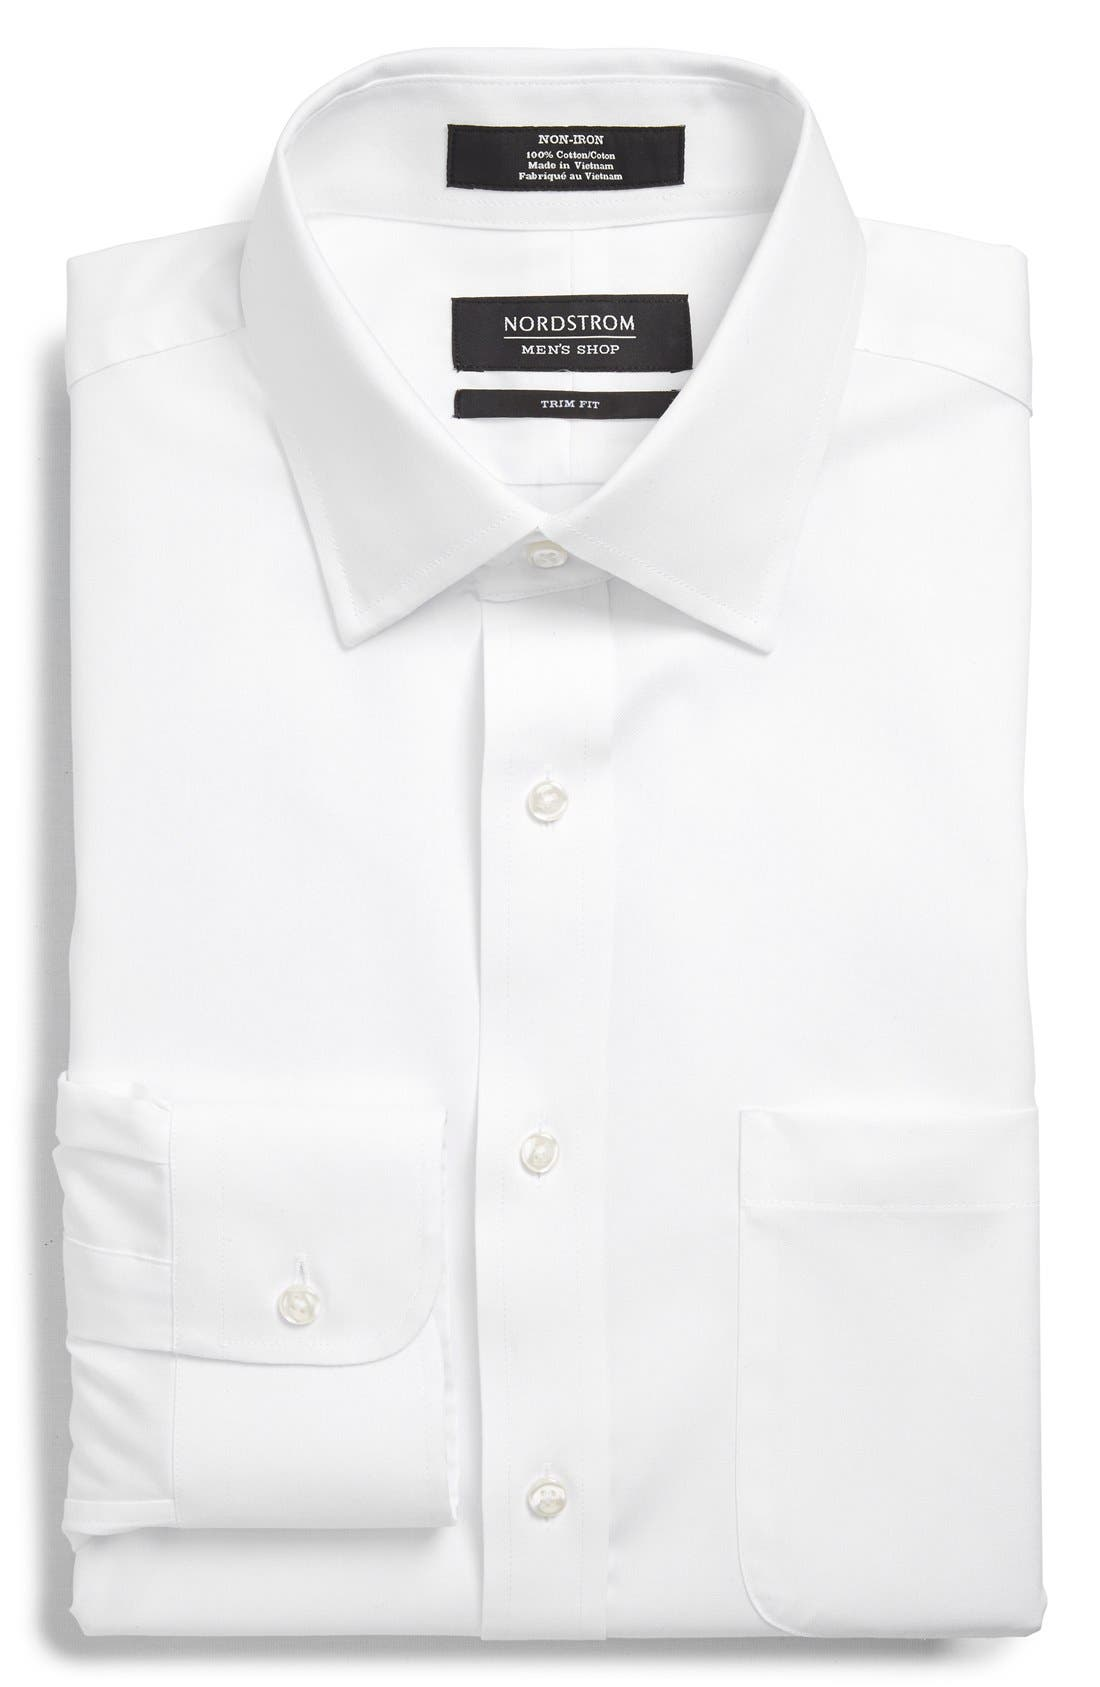 Nordstrom Men's Shop Trim Fit Non-Iron Solid Dress Shirt